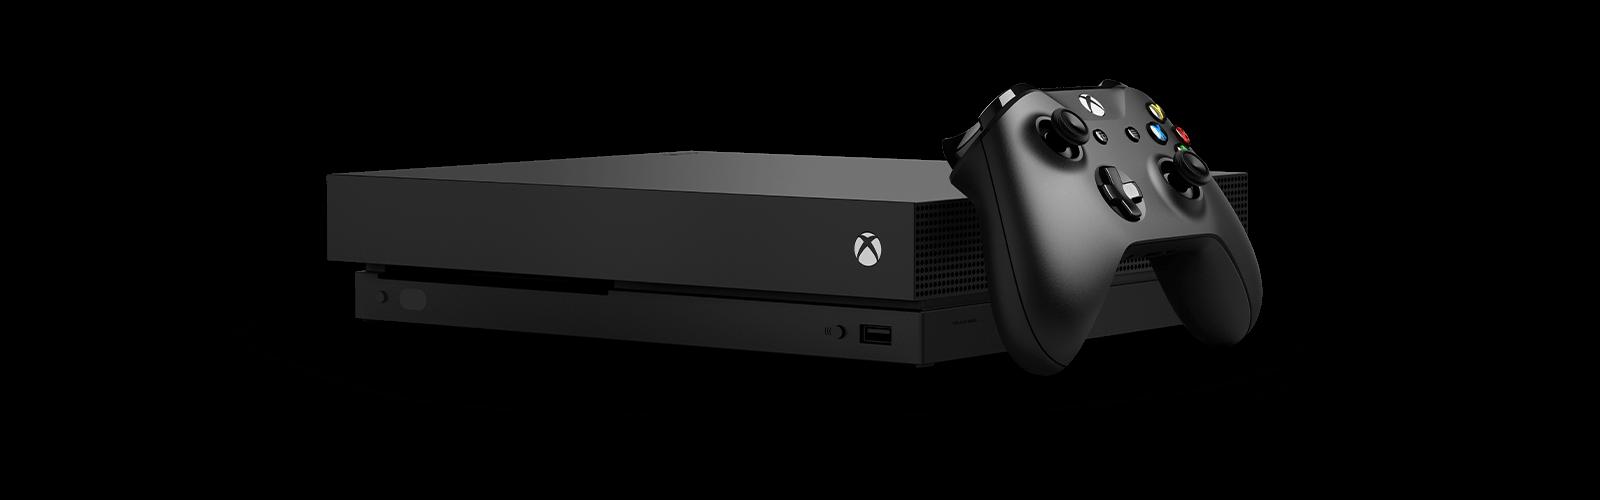 Xbox Series X Vs Xbox One X Quali Sono Le Differenze? 3 - Hynerd.it